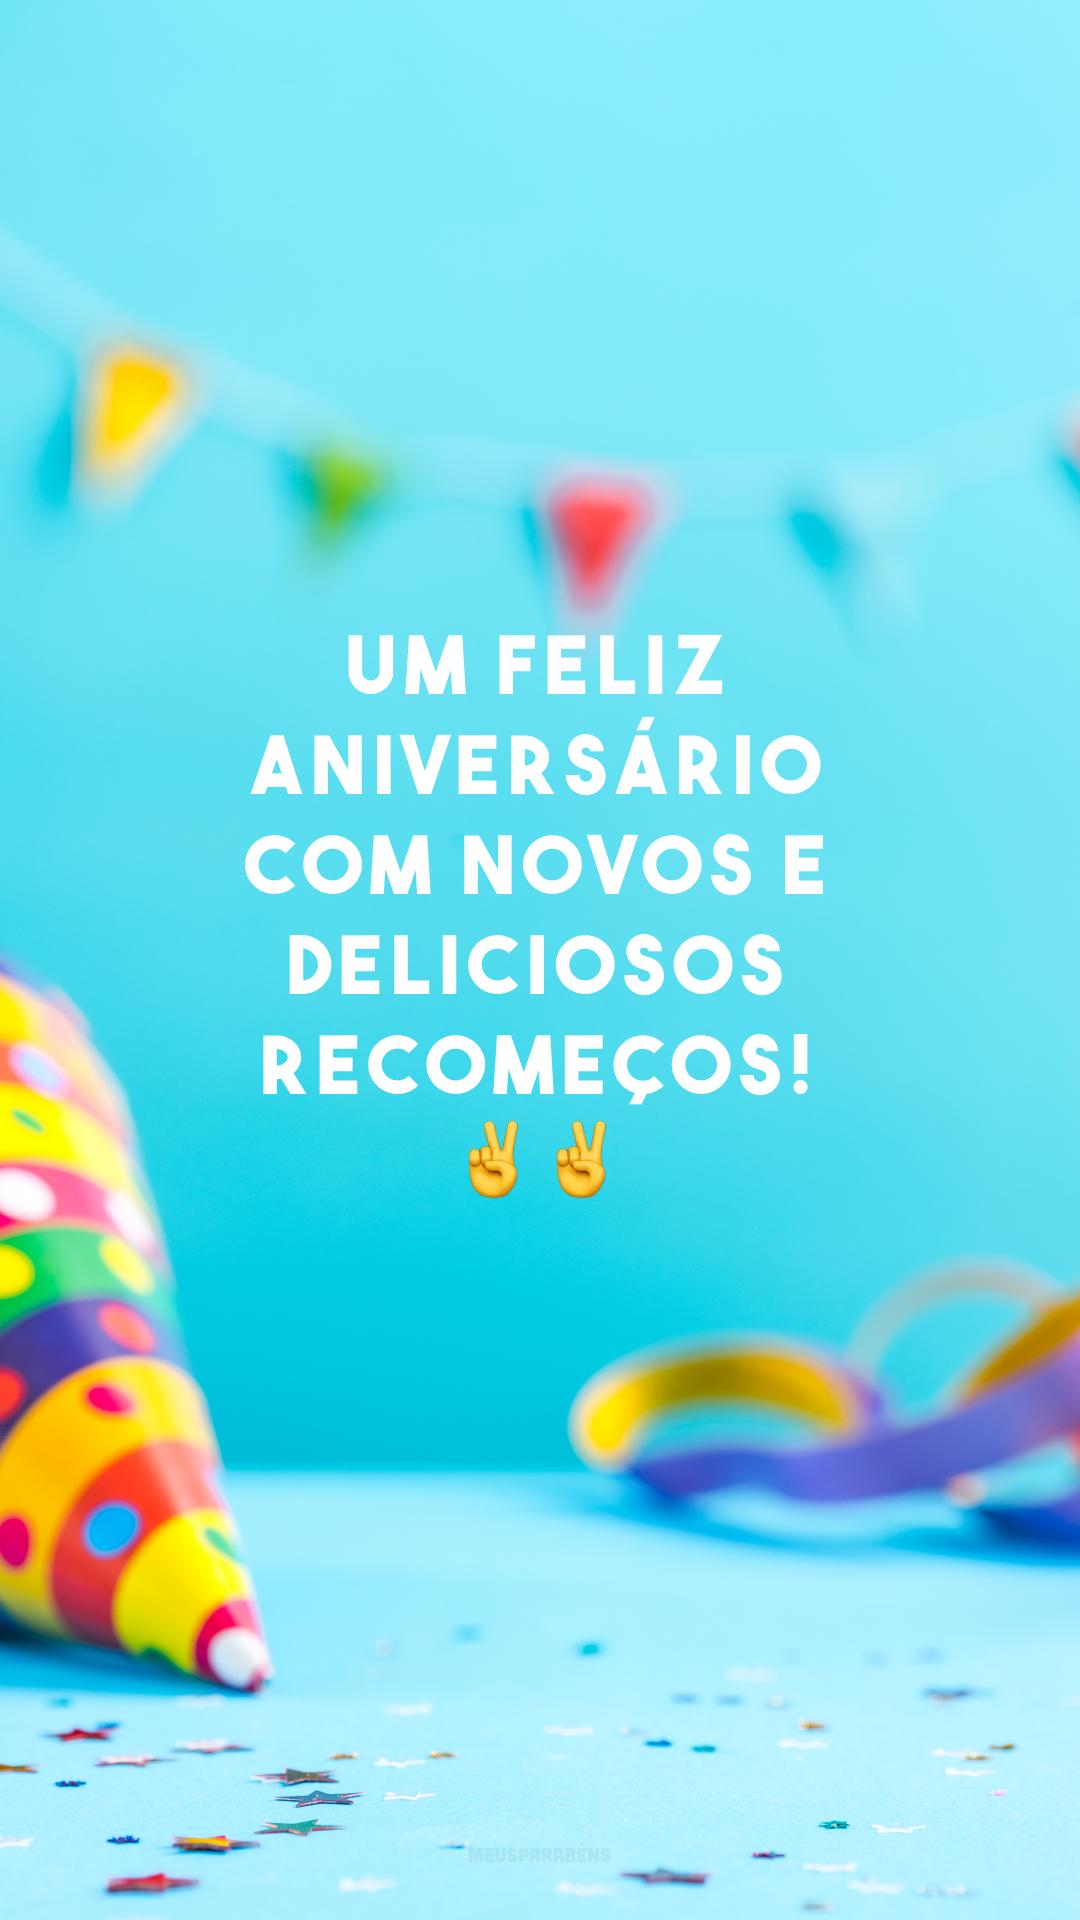 Um feliz aniversário com novos e deliciosos recomeços! ✌✌